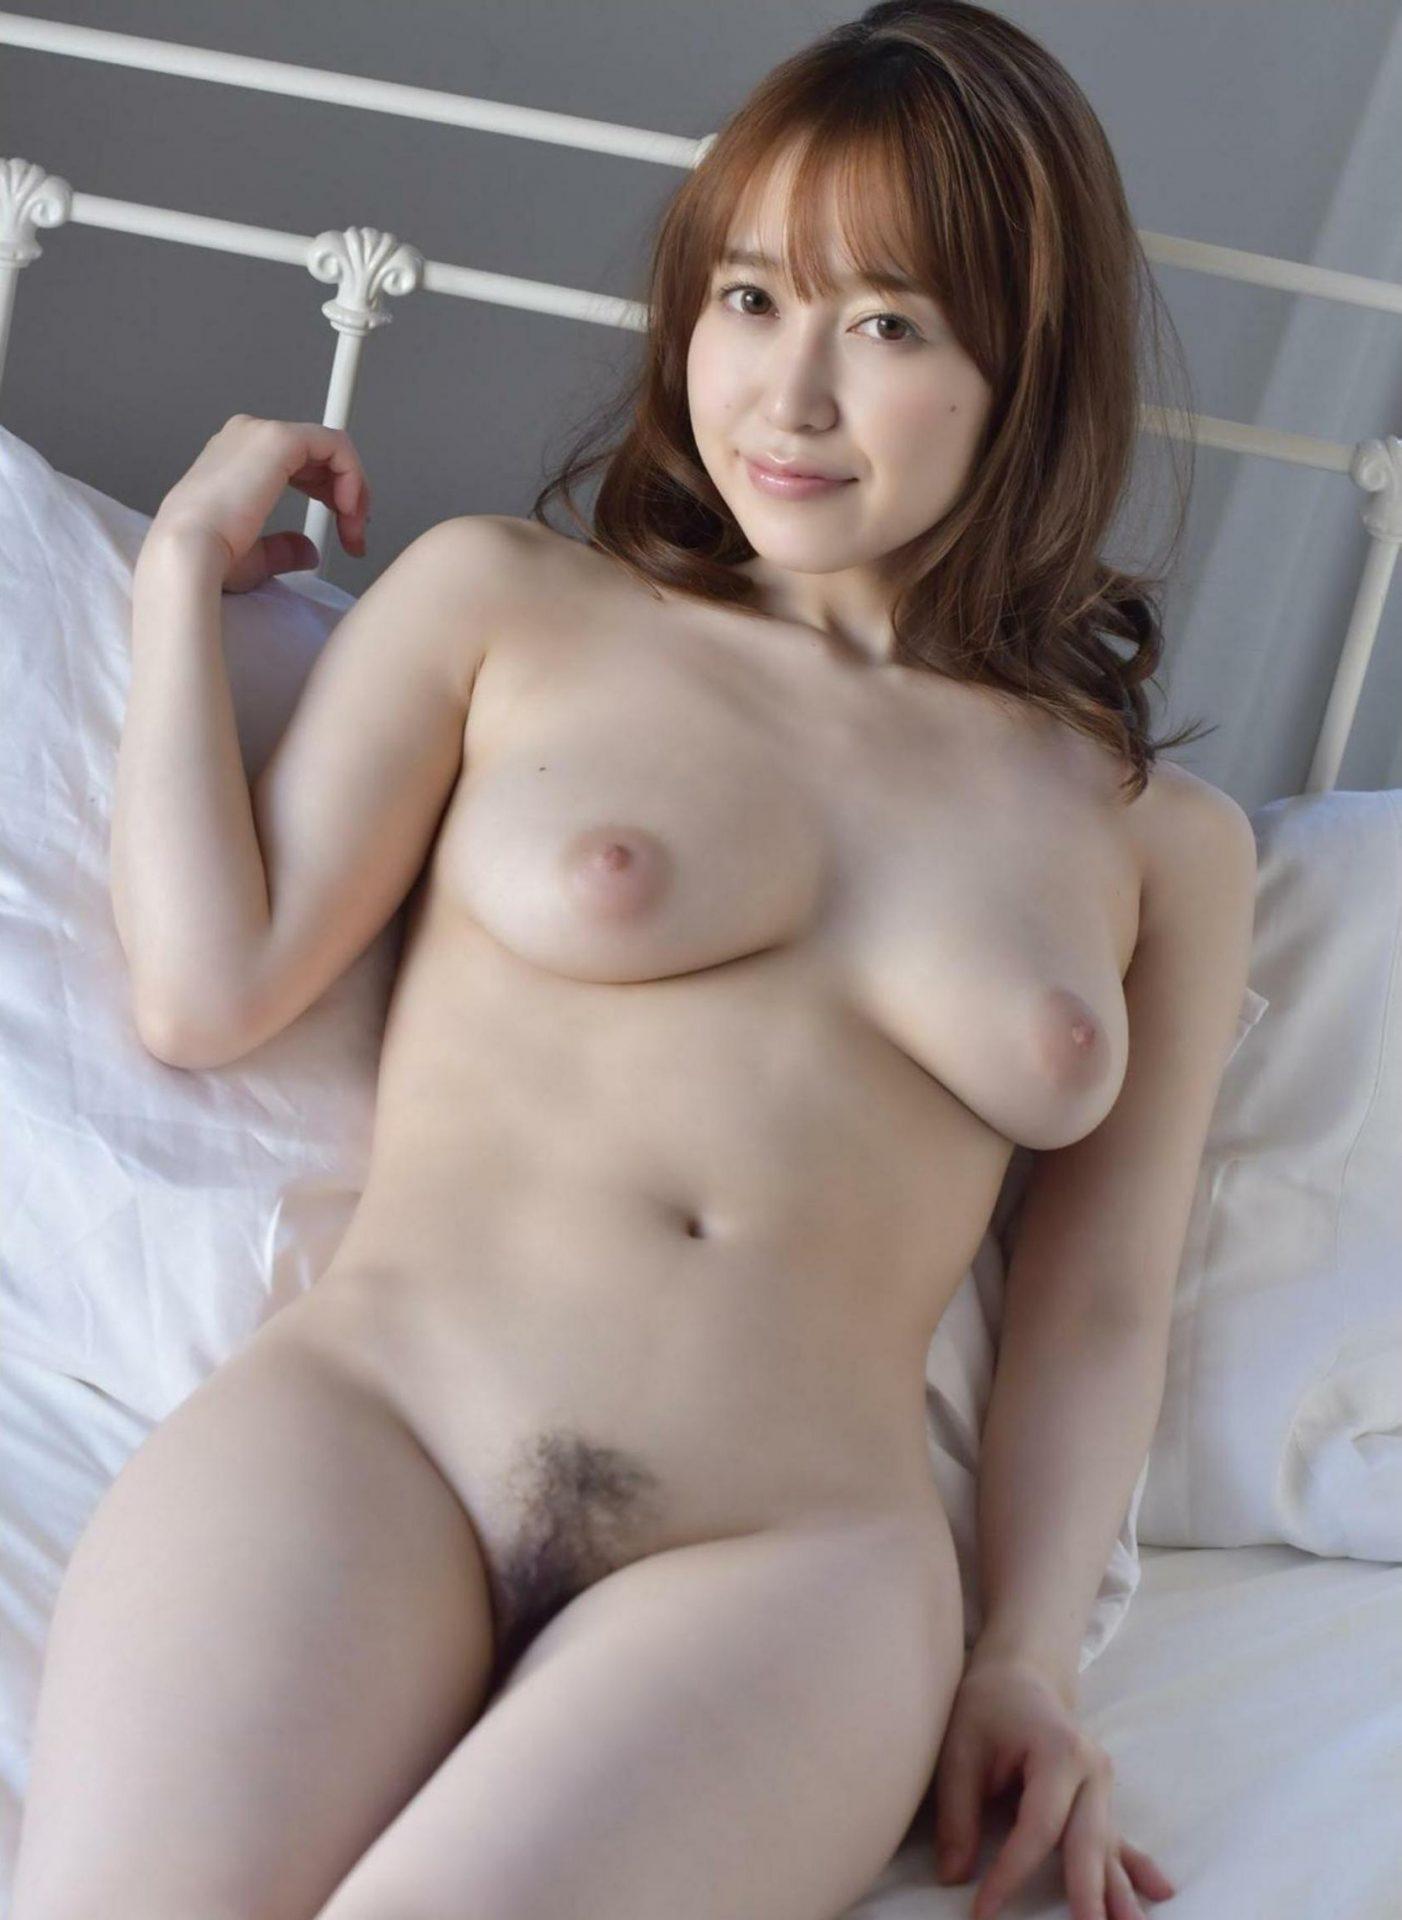 三次元 3次元 エロ画像 AV女優 篠田ゆう ヌード べっぴん娘通信 046